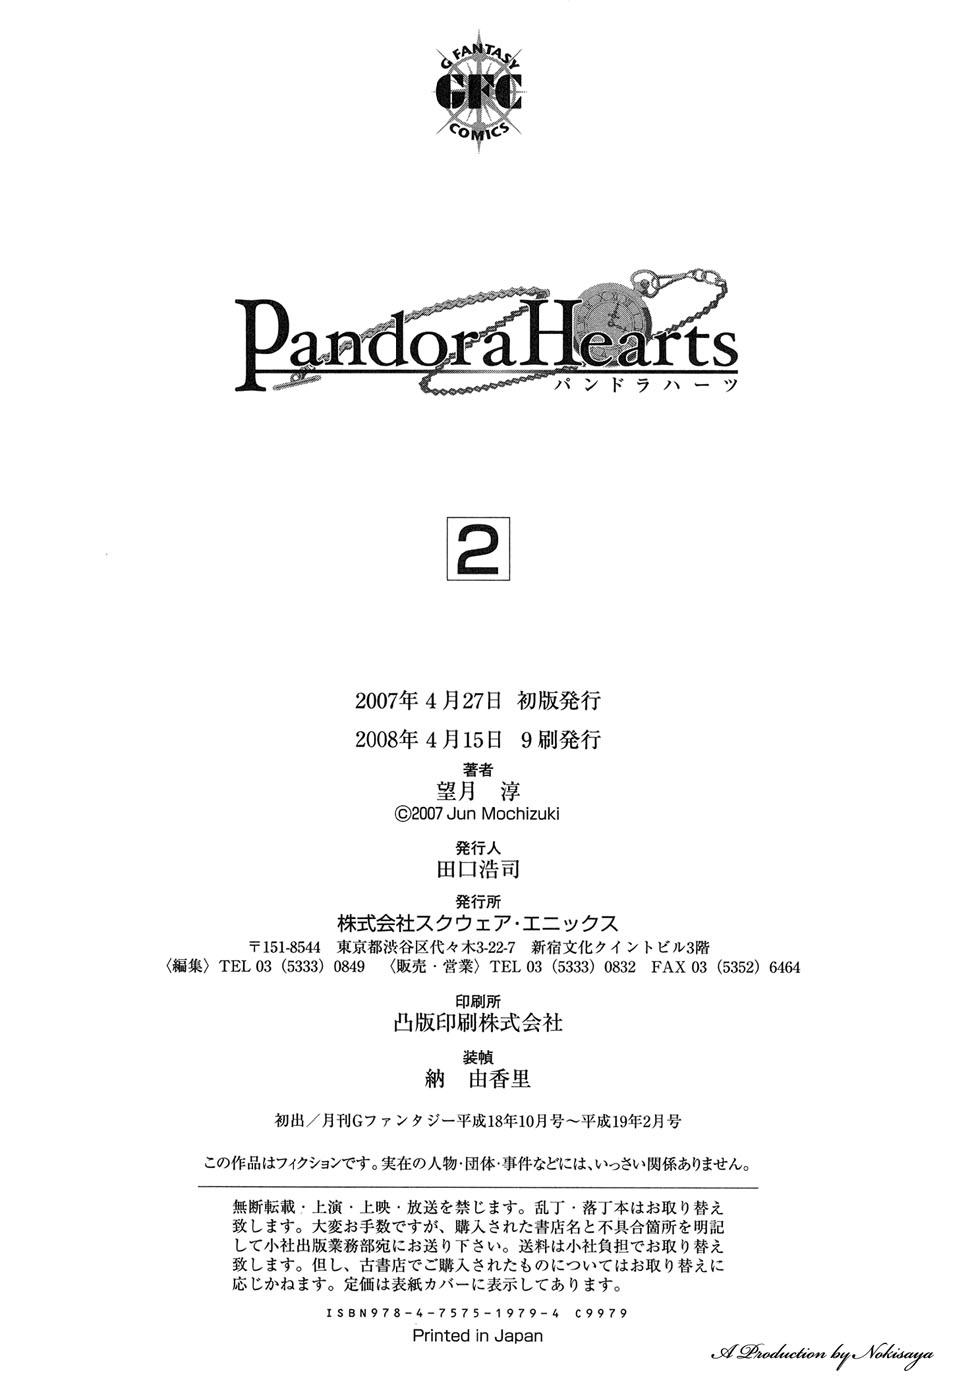 Pandora Hearts chương 009 - retrace: ix question trang 35